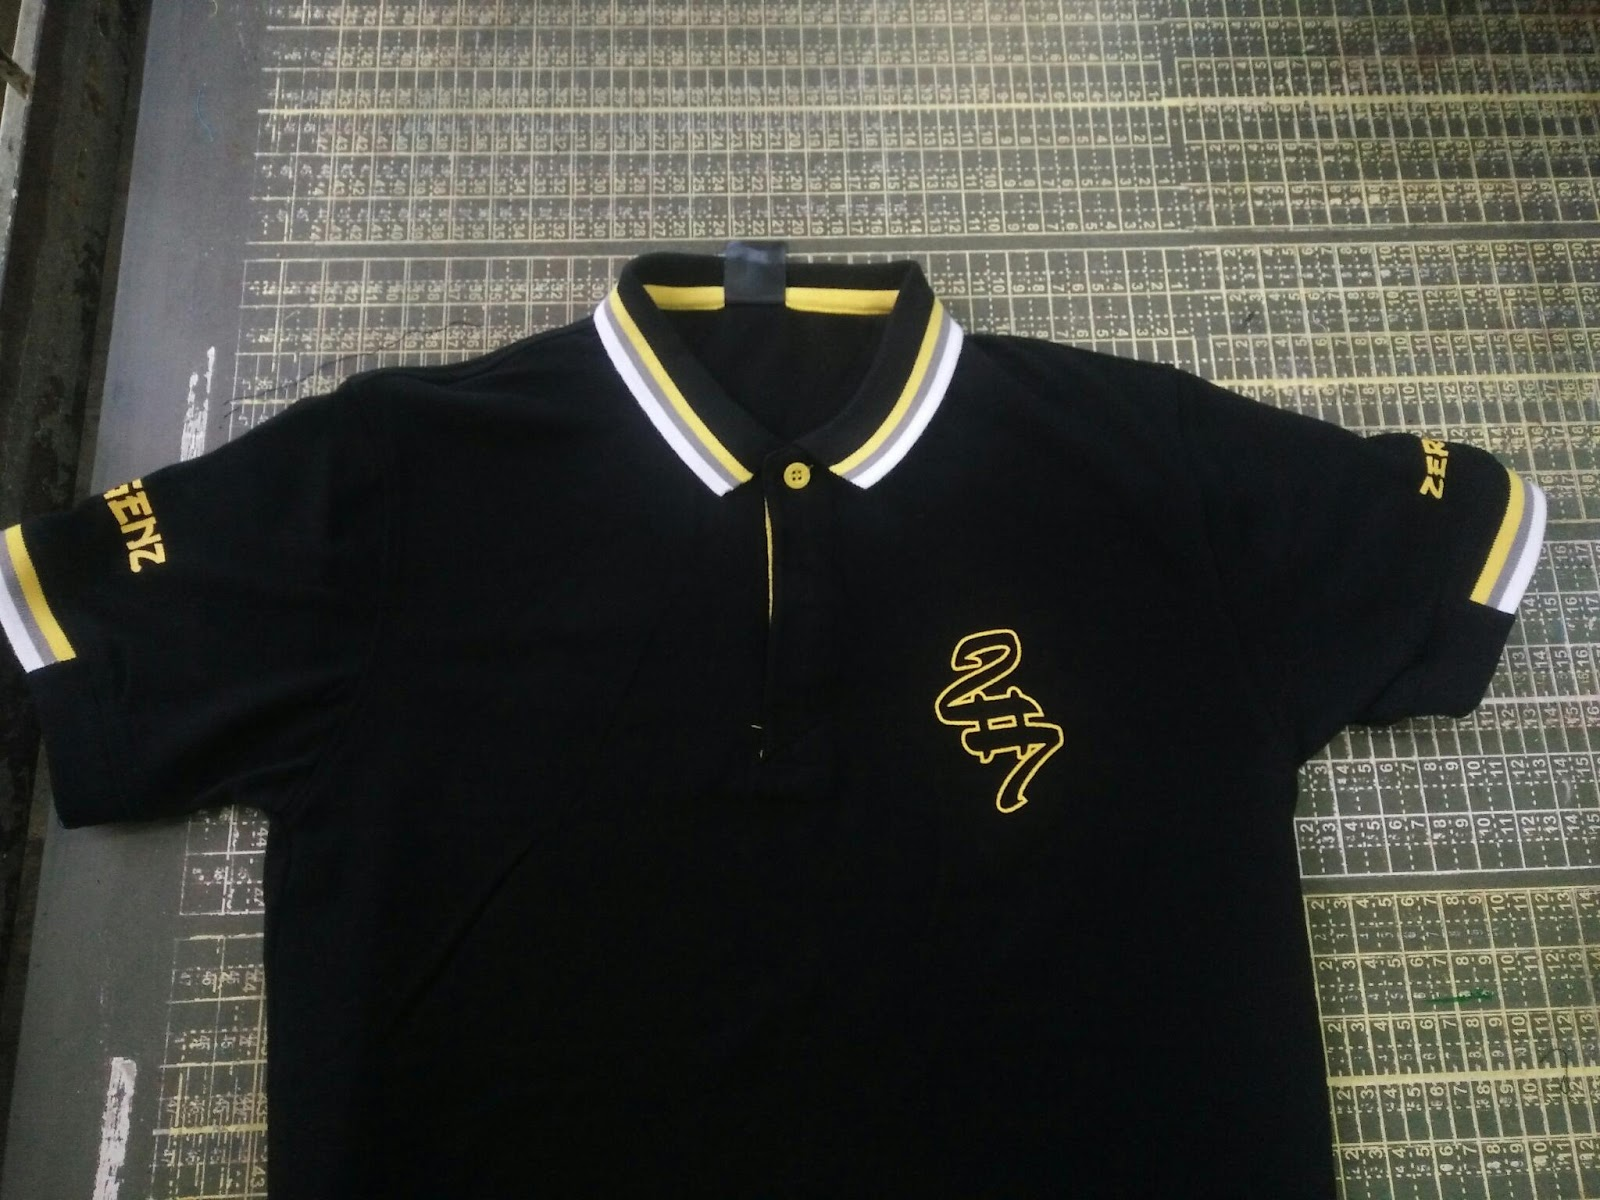 Designs contoh baju t shirt design baju berkolar shirt berkolar - Design Baju T Shirt Kelas Your Design We Do Siap Sedia Untuk Di Pos Ke